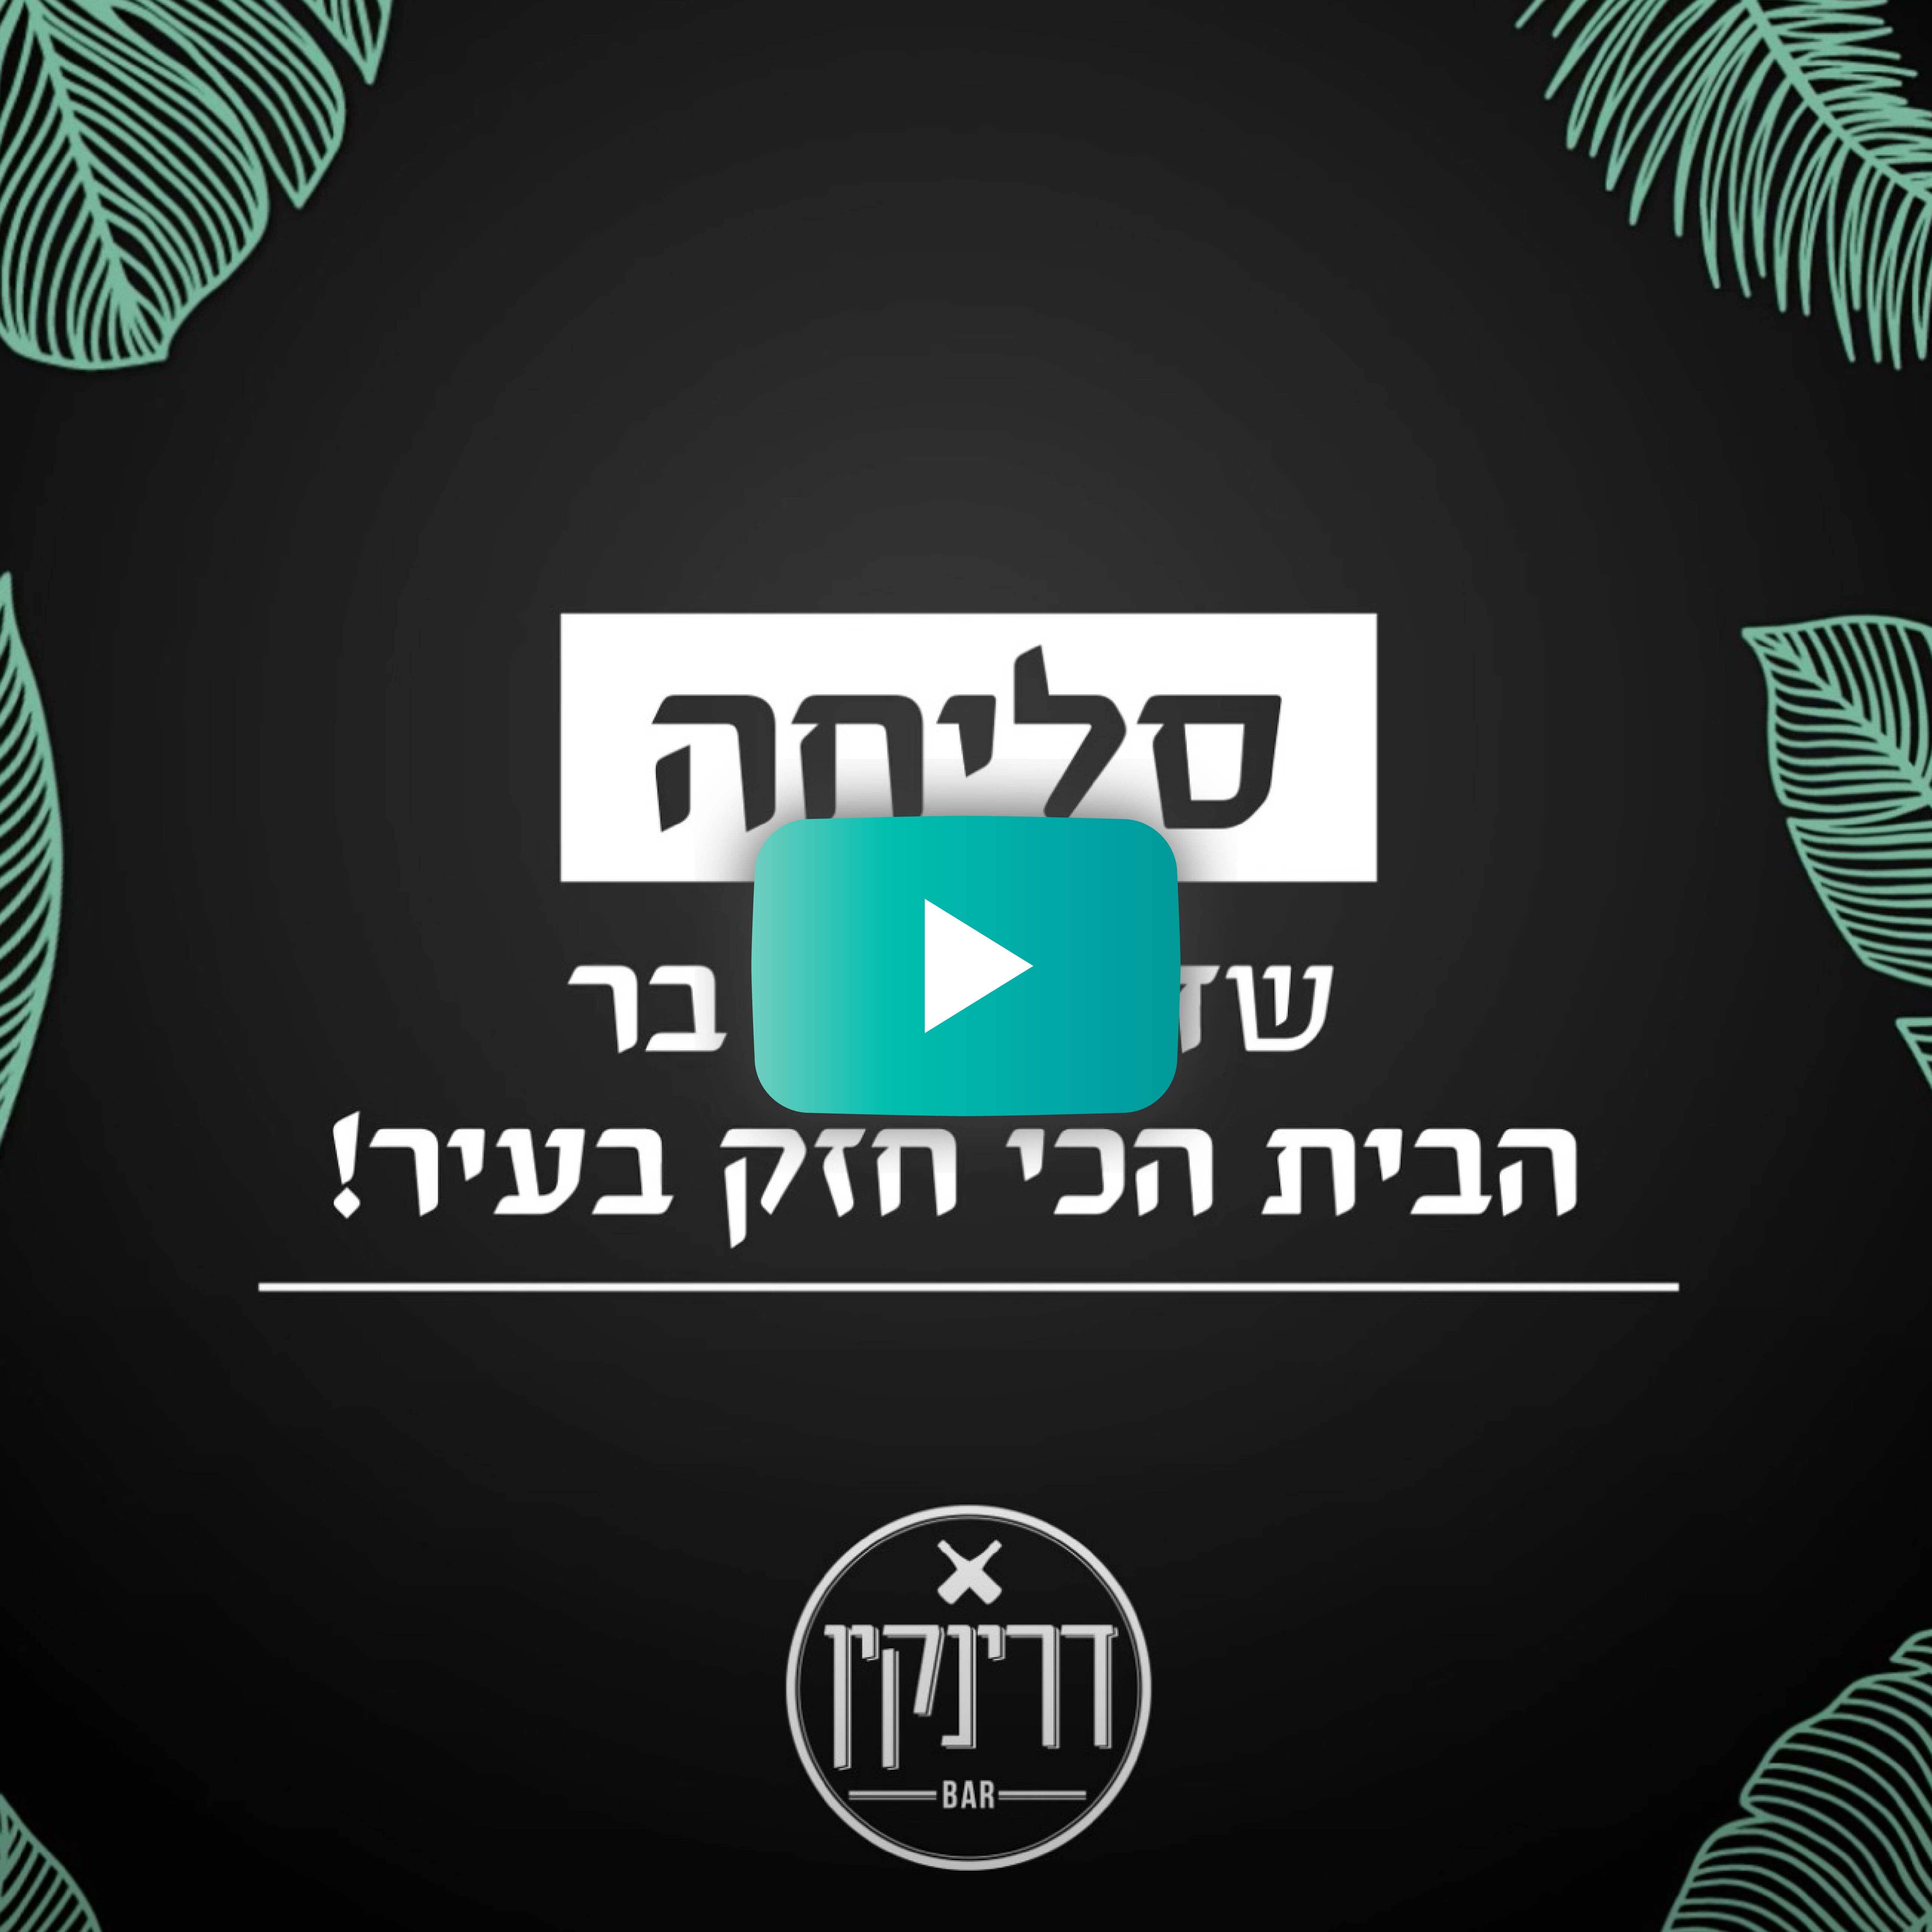 הפקות וידאו - דרינקין